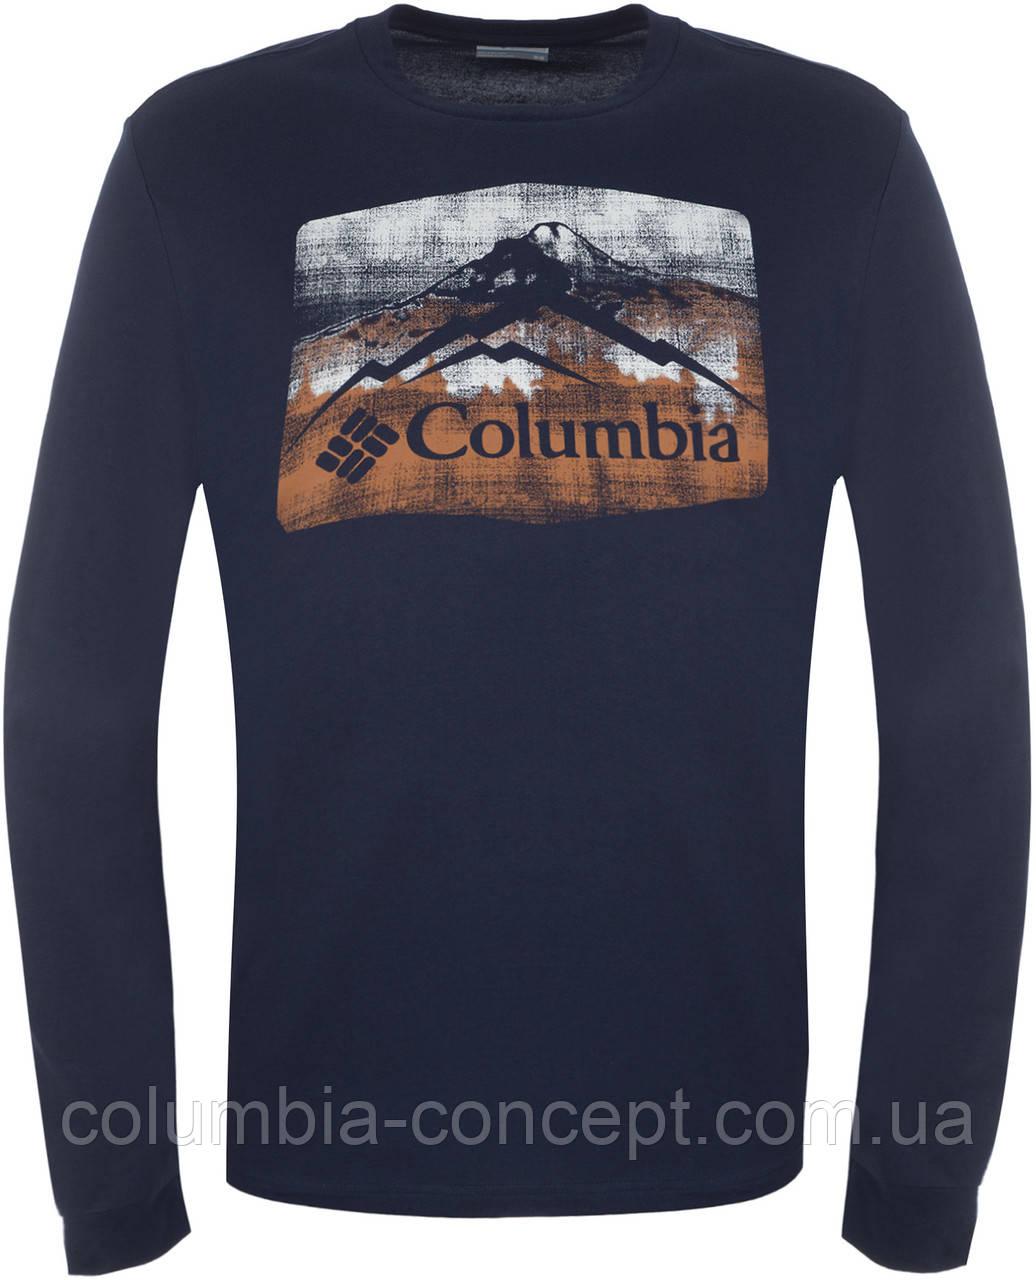 Футболка с длинным рукавом мужcкая Columbia Ranger River Long